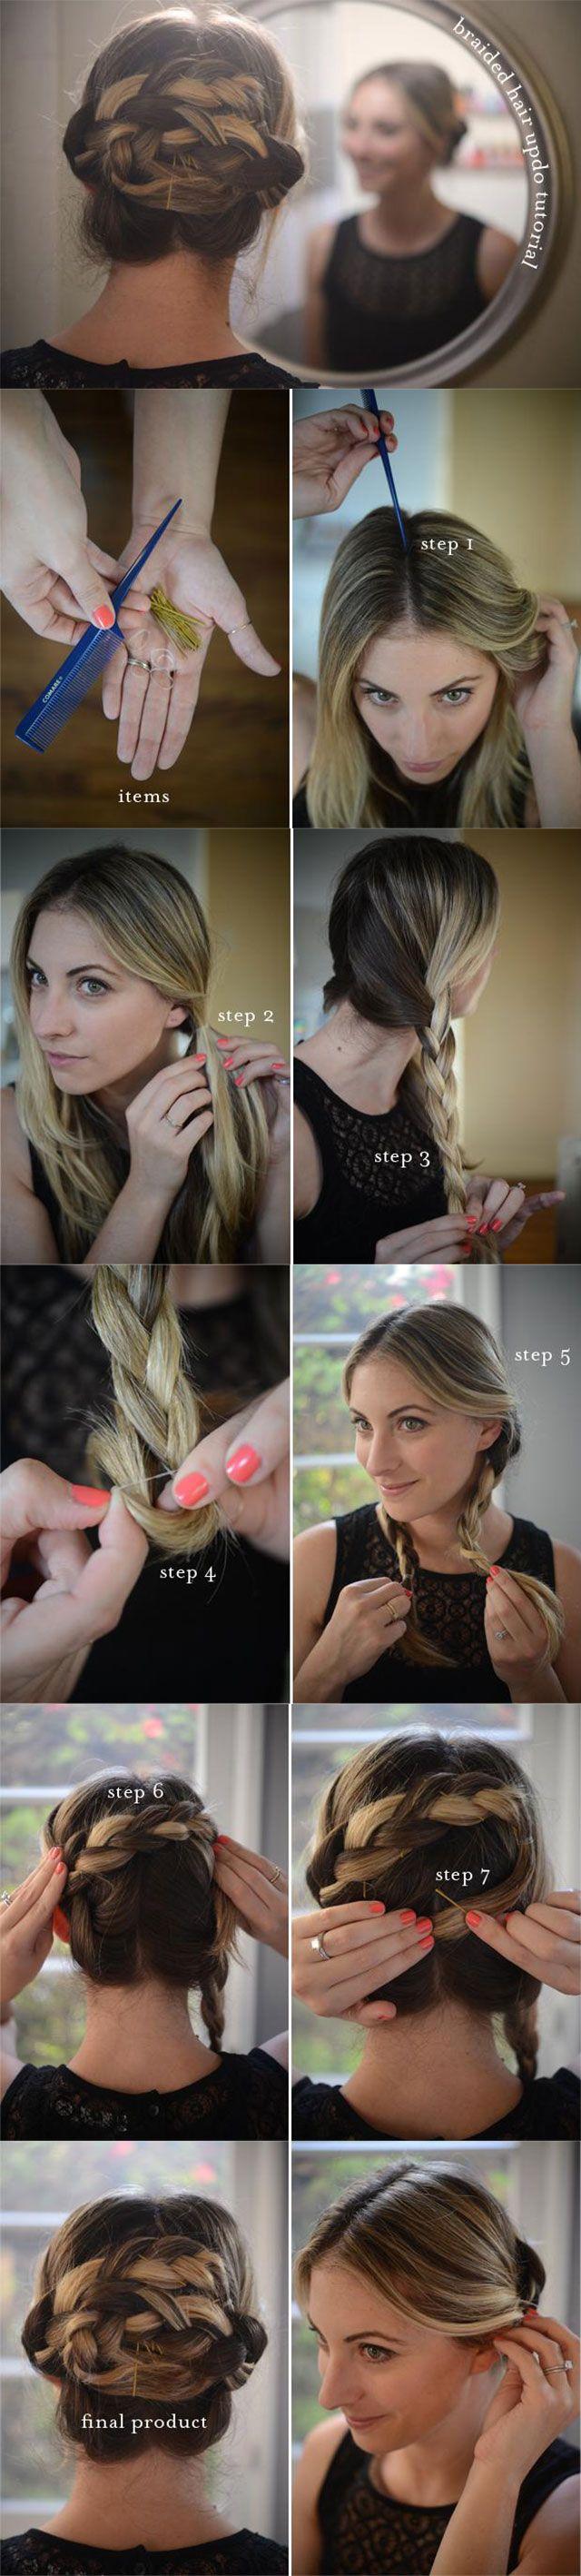 9 Penteados bonita diy com tutoriais passo-a-passo